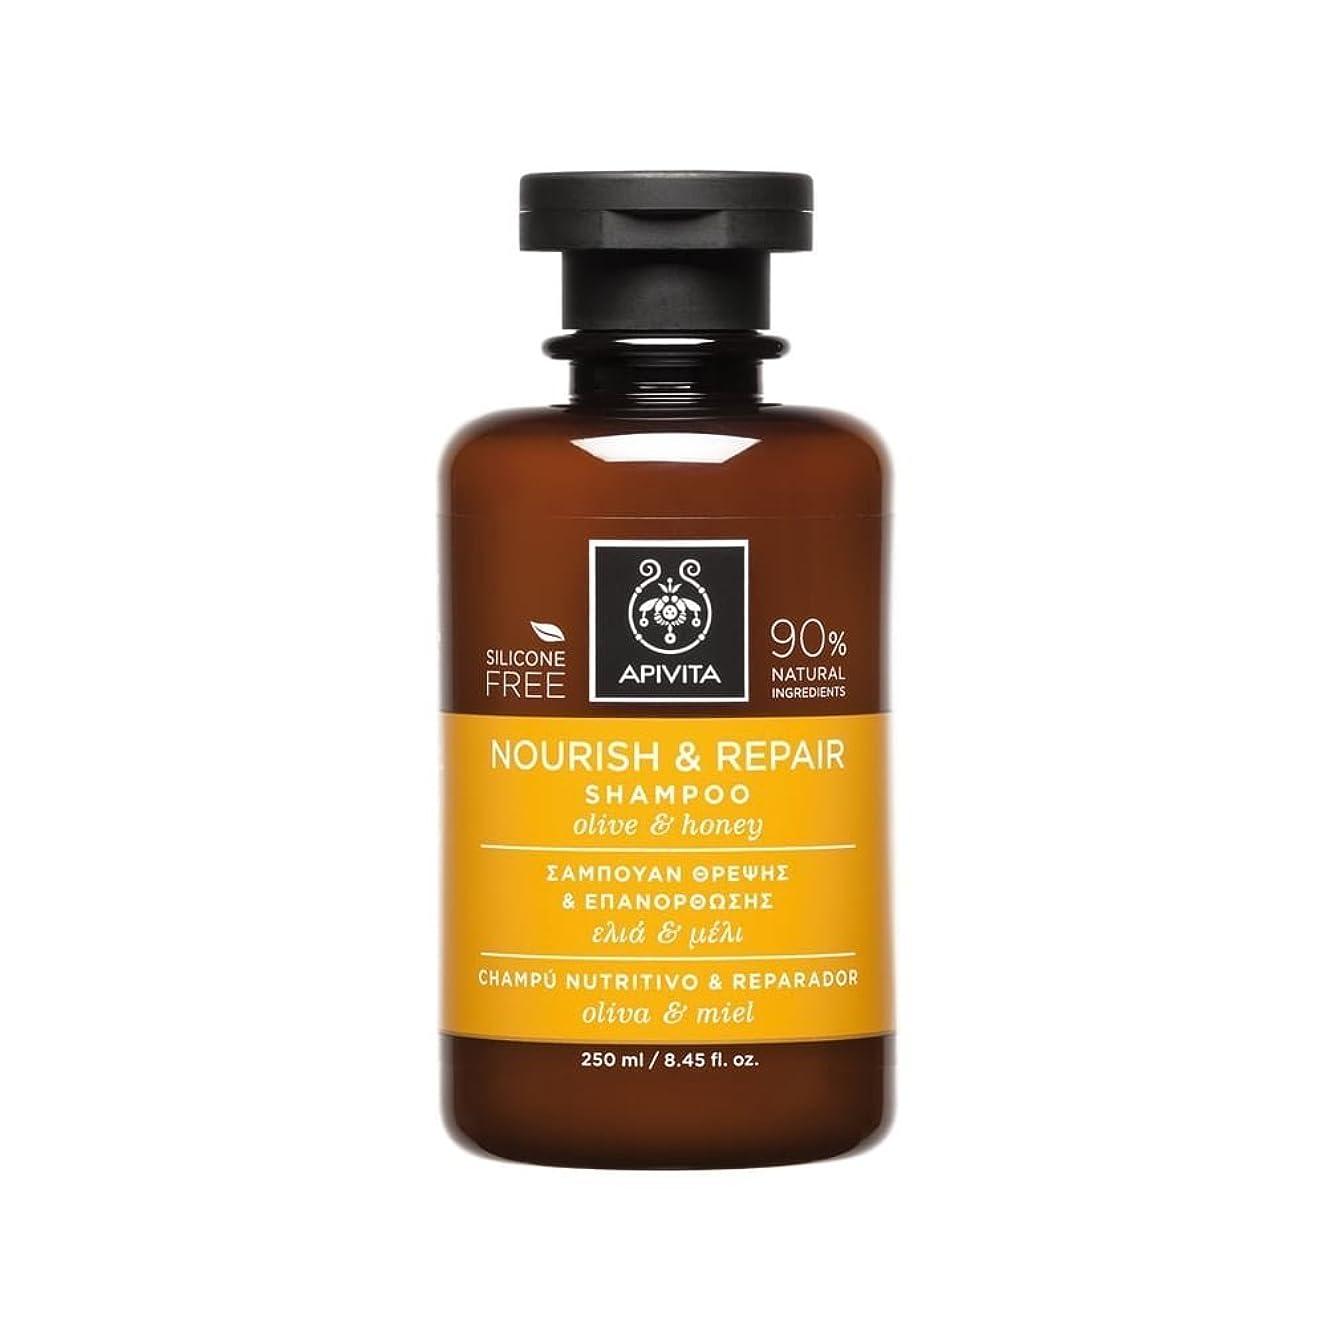 単に兵隊乗り出すアピヴィータ Nourish & Repair Shampoo with Olive & Honey (For Dry-Damaged Hair) 250ml [並行輸入品]